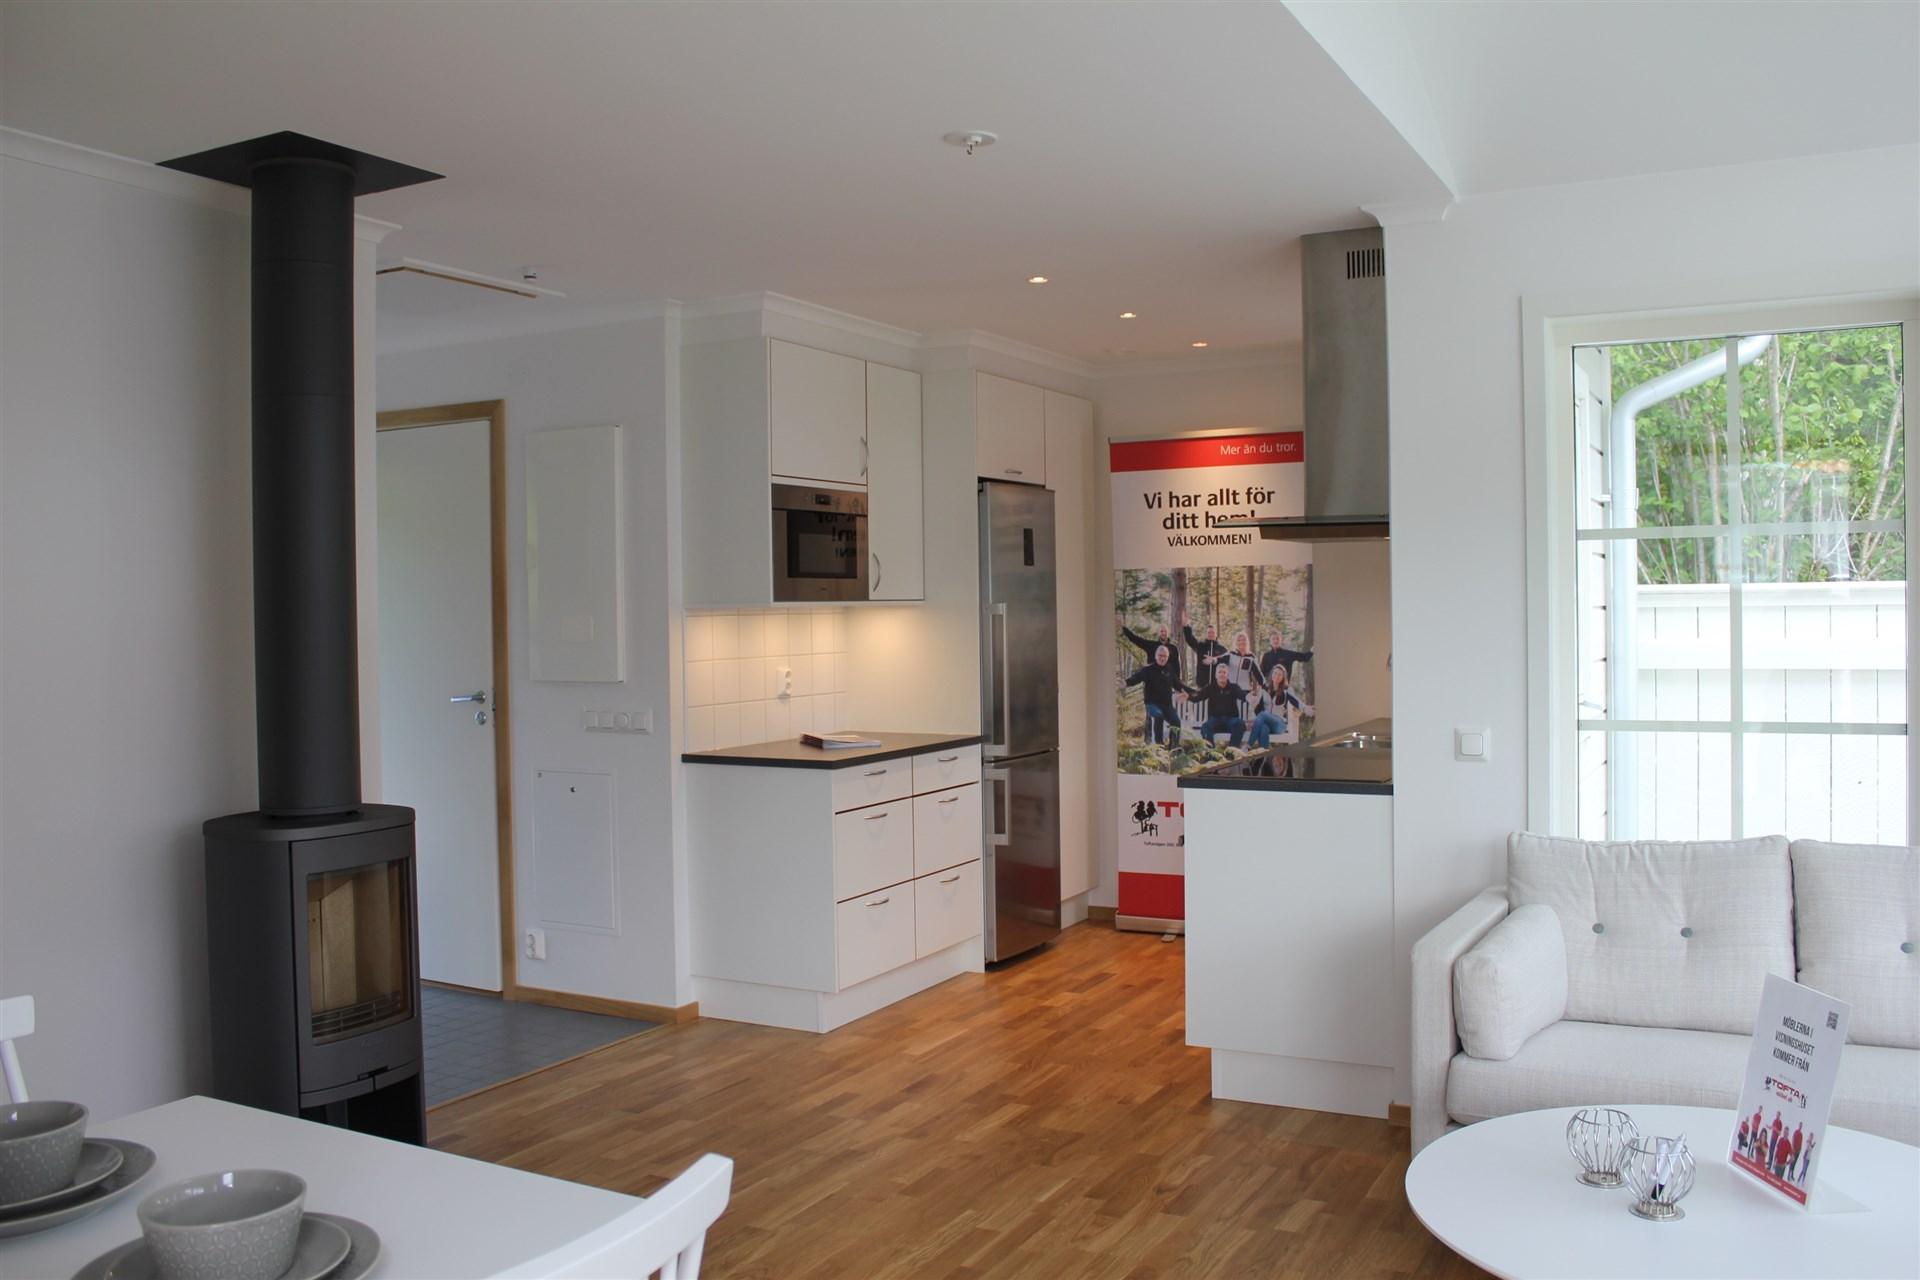 Vardagsrum och kök i öppen planlösning